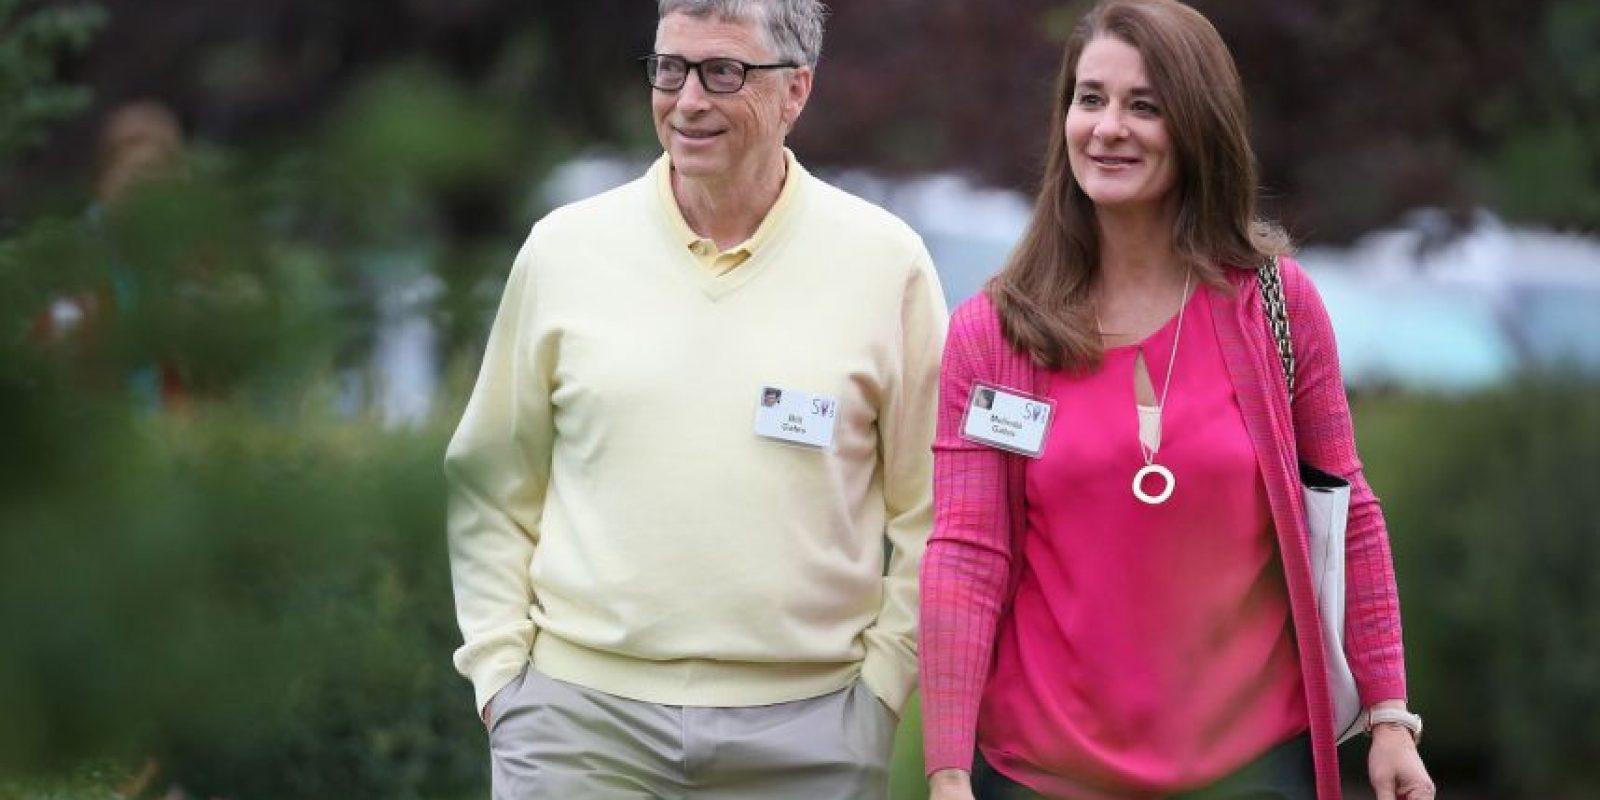 Según Gates, darles dinero hará que ellos no desarrollen lo que quieren ser en la vida Foto:Getty Images